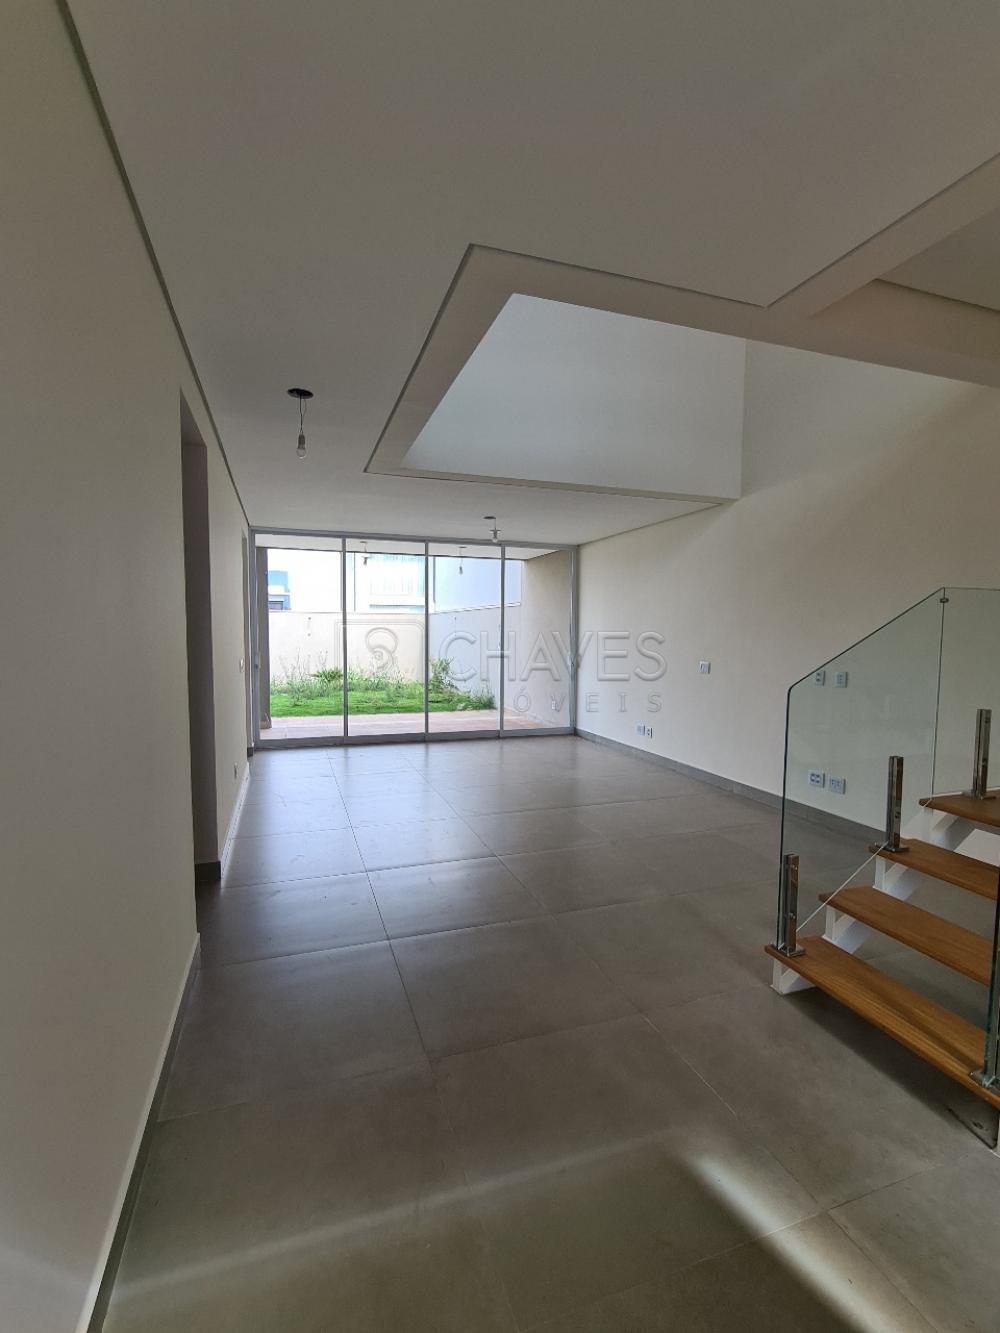 Comprar Casa / Condomínio em Ribeirão Preto R$ 915.000,00 - Foto 6